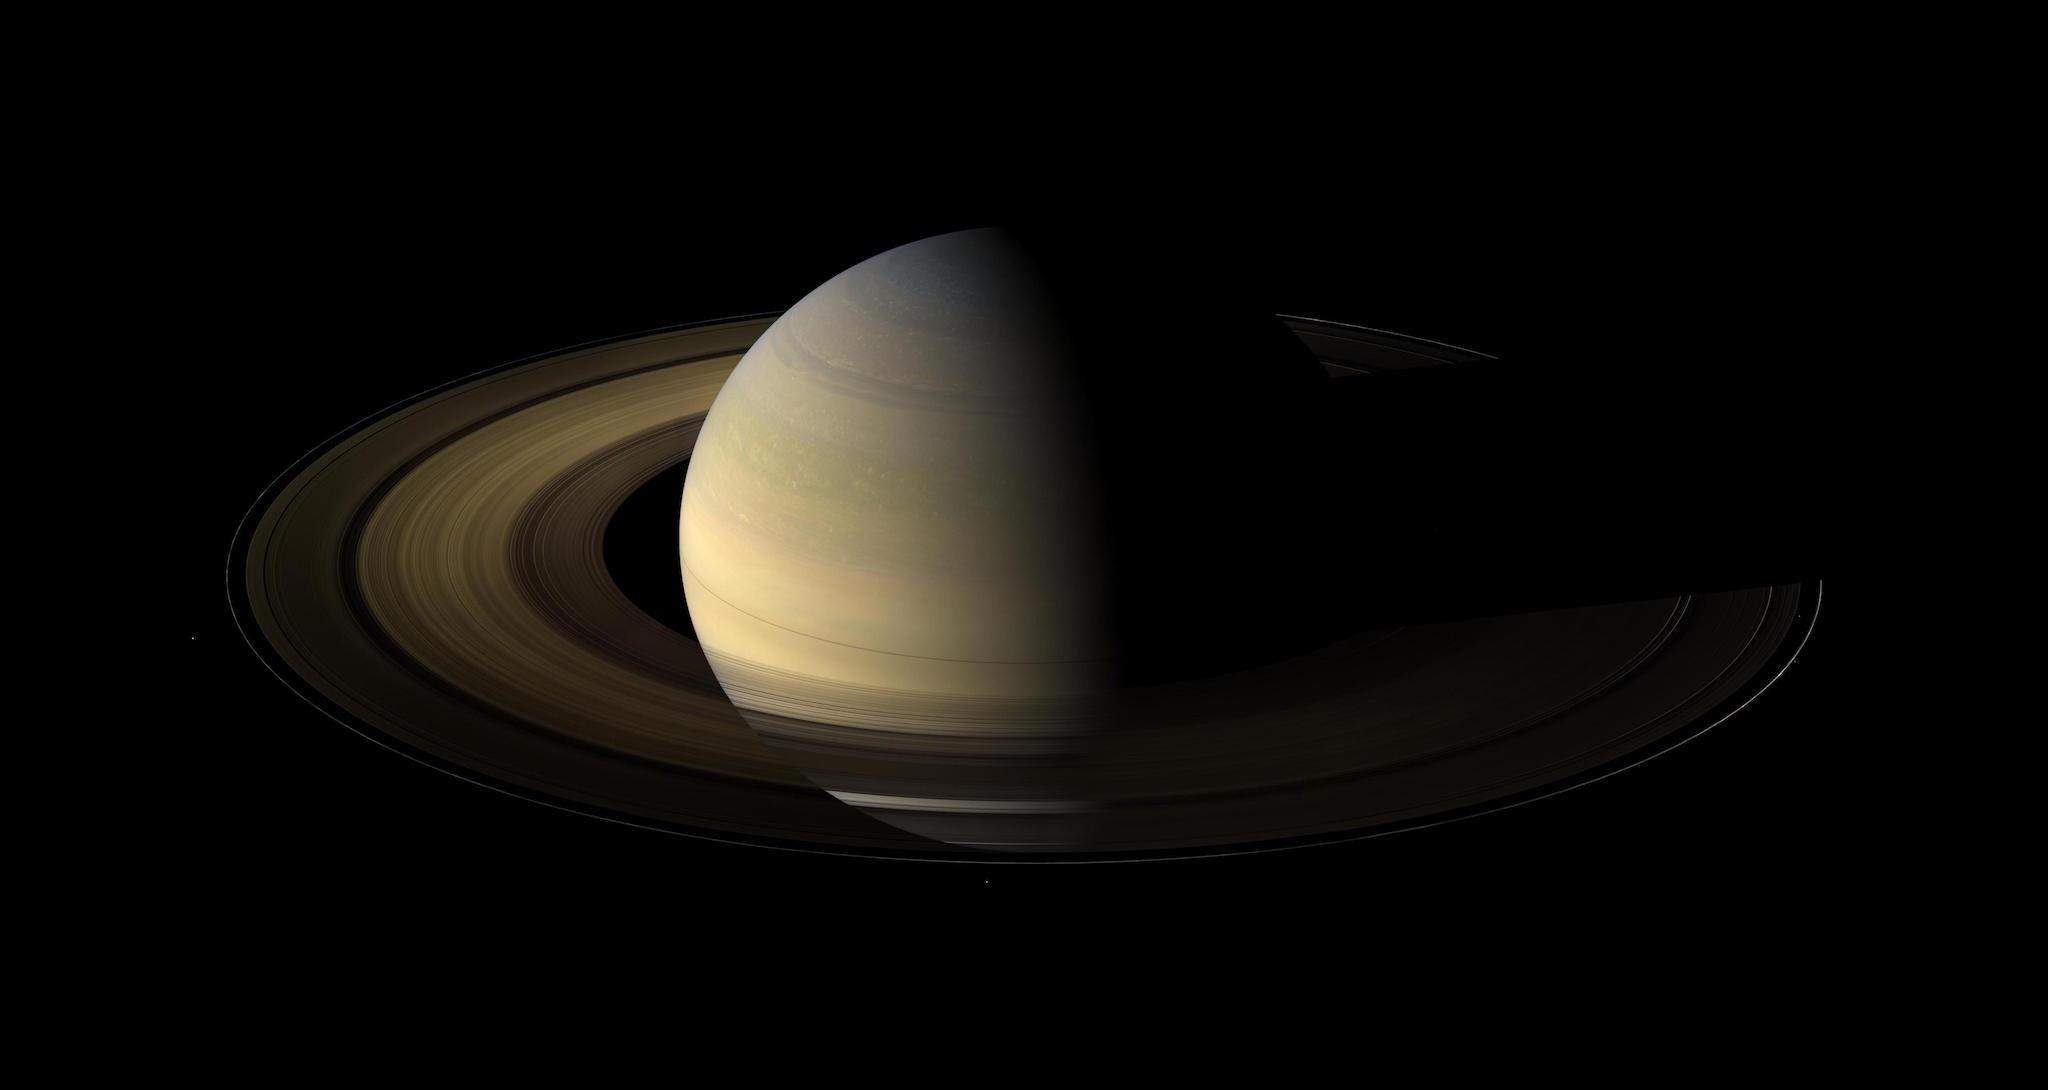 Rings Beyond Saturn